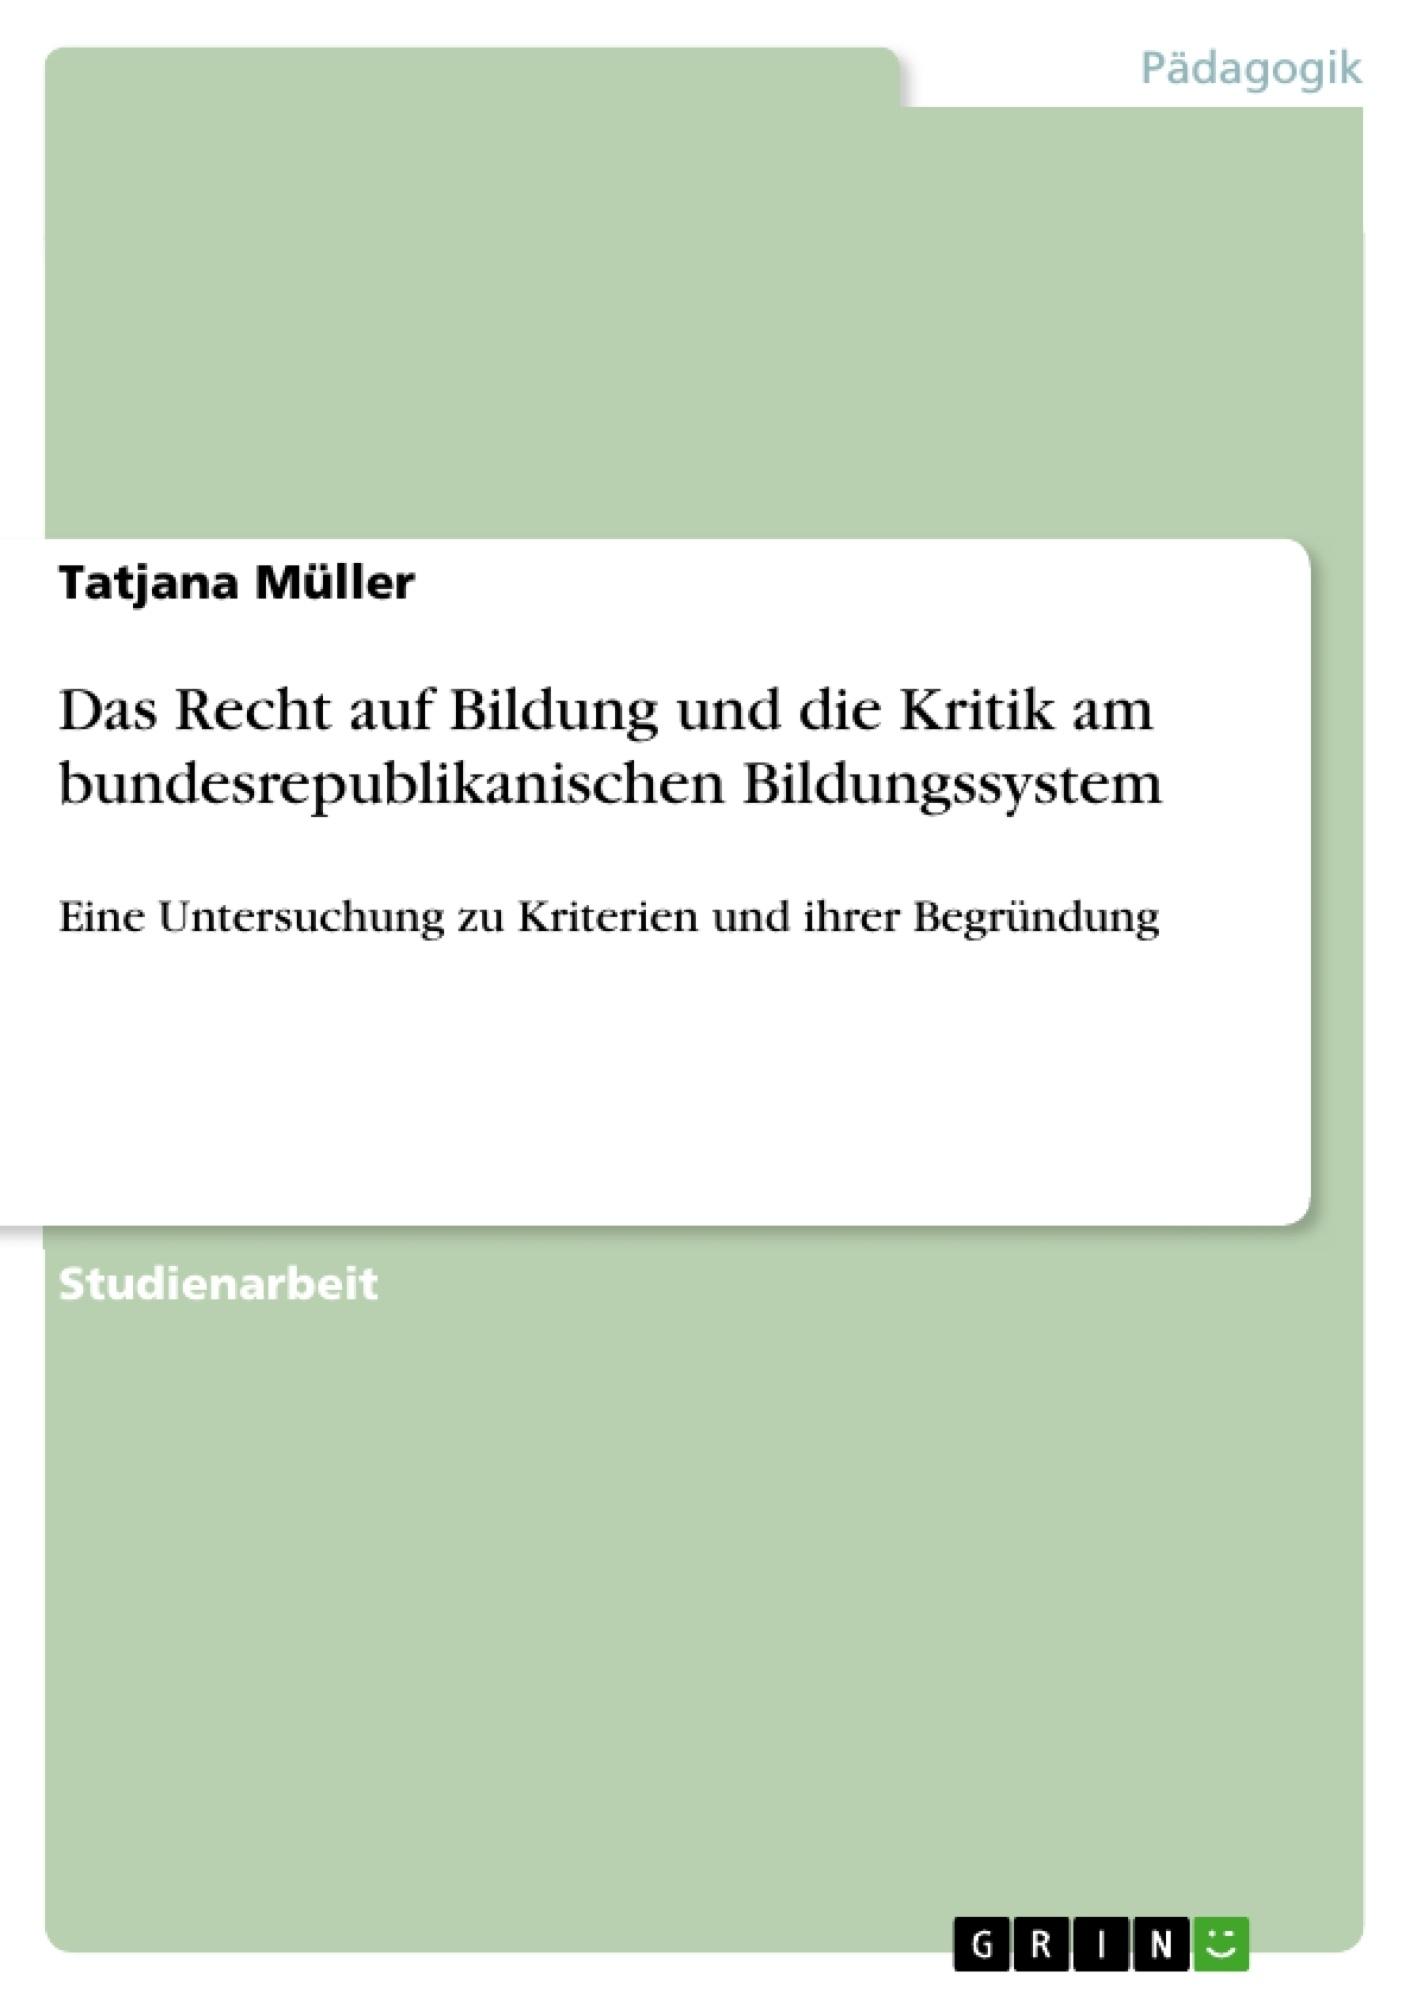 Titel: Das Recht auf Bildung und die Kritik am bundesrepublikanischen Bildungssystem